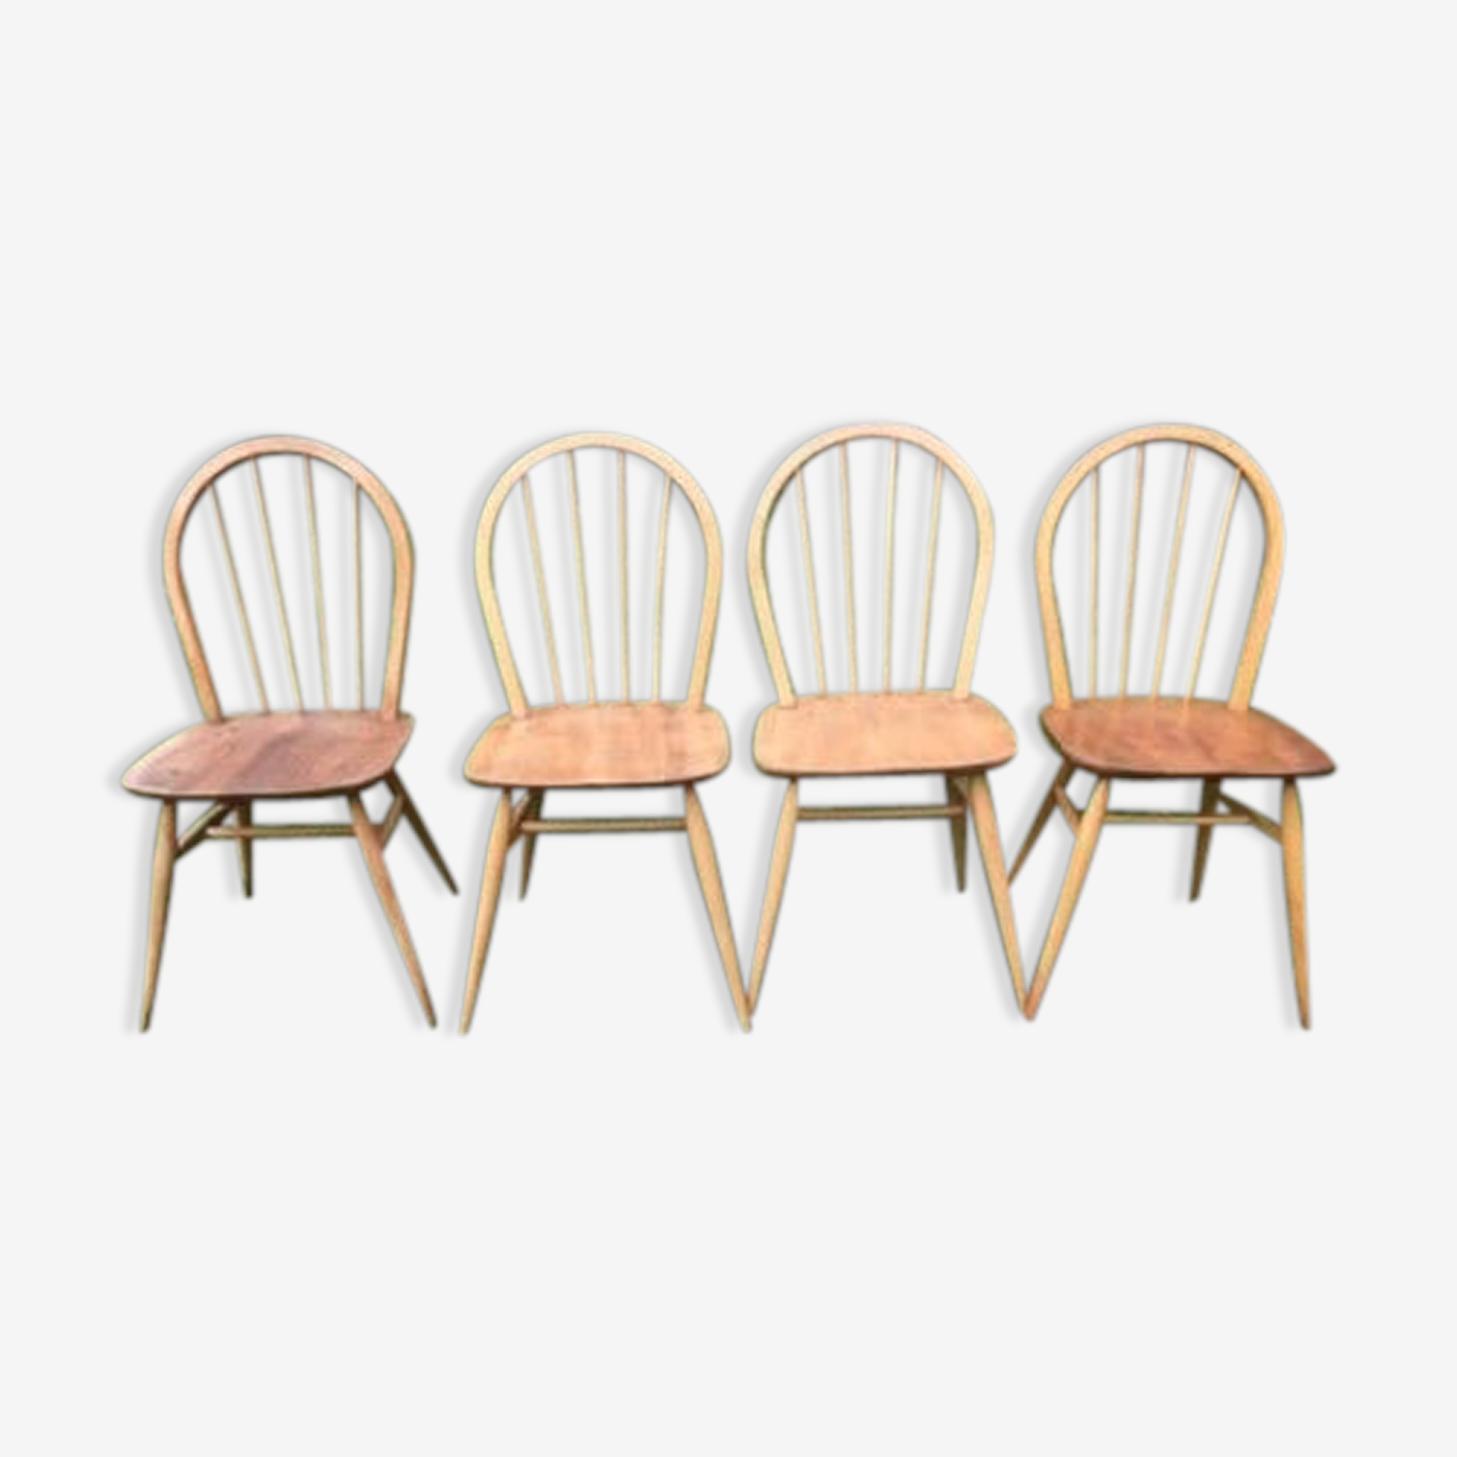 Ensemble de 4 chaises Ercol